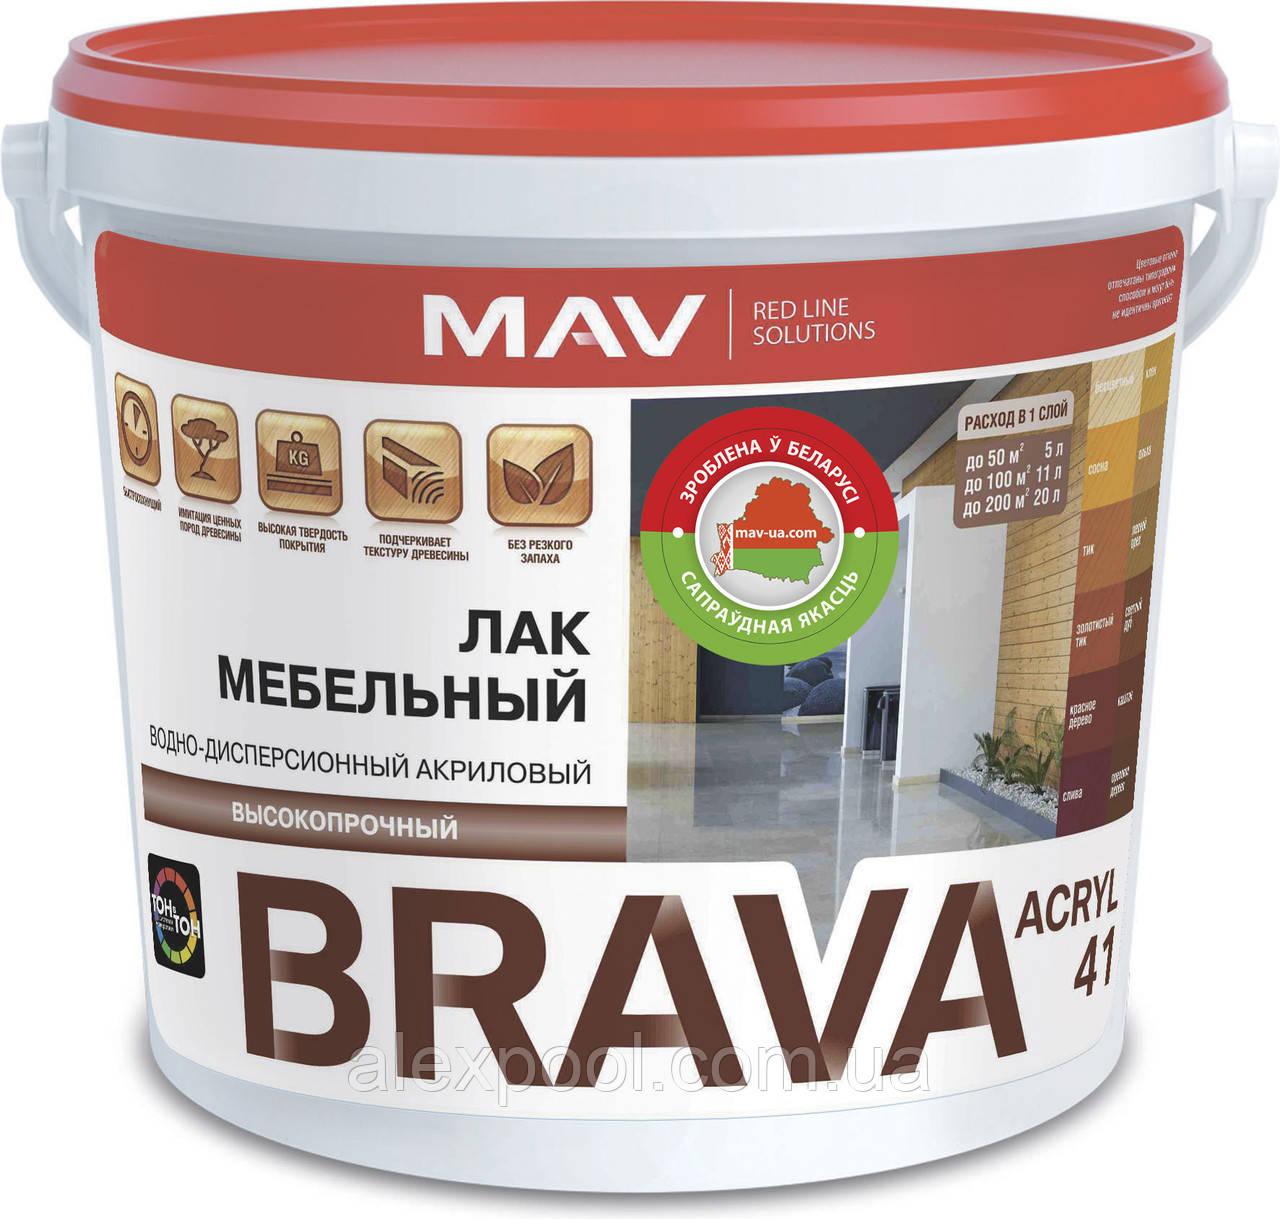 Лак MAV BRAVA ACRYL 41 мебельный Бесцветный полуглянцевый 5 литров